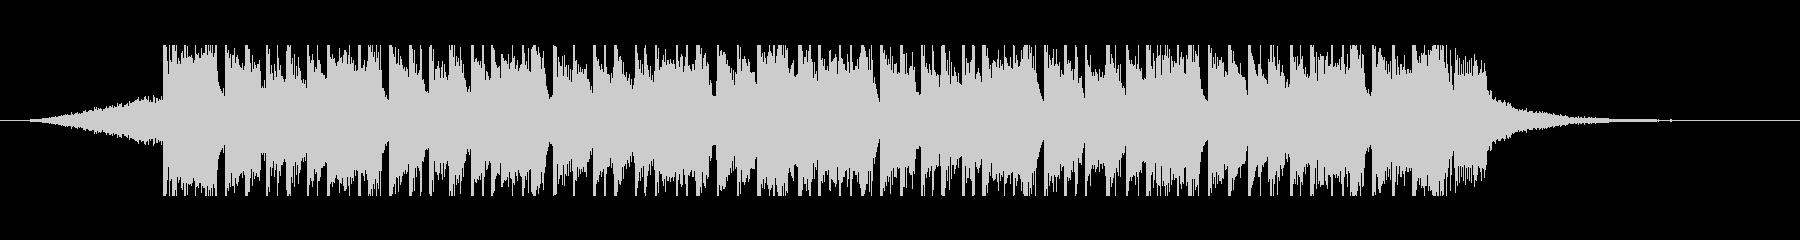 オリエンタル(30秒)の未再生の波形